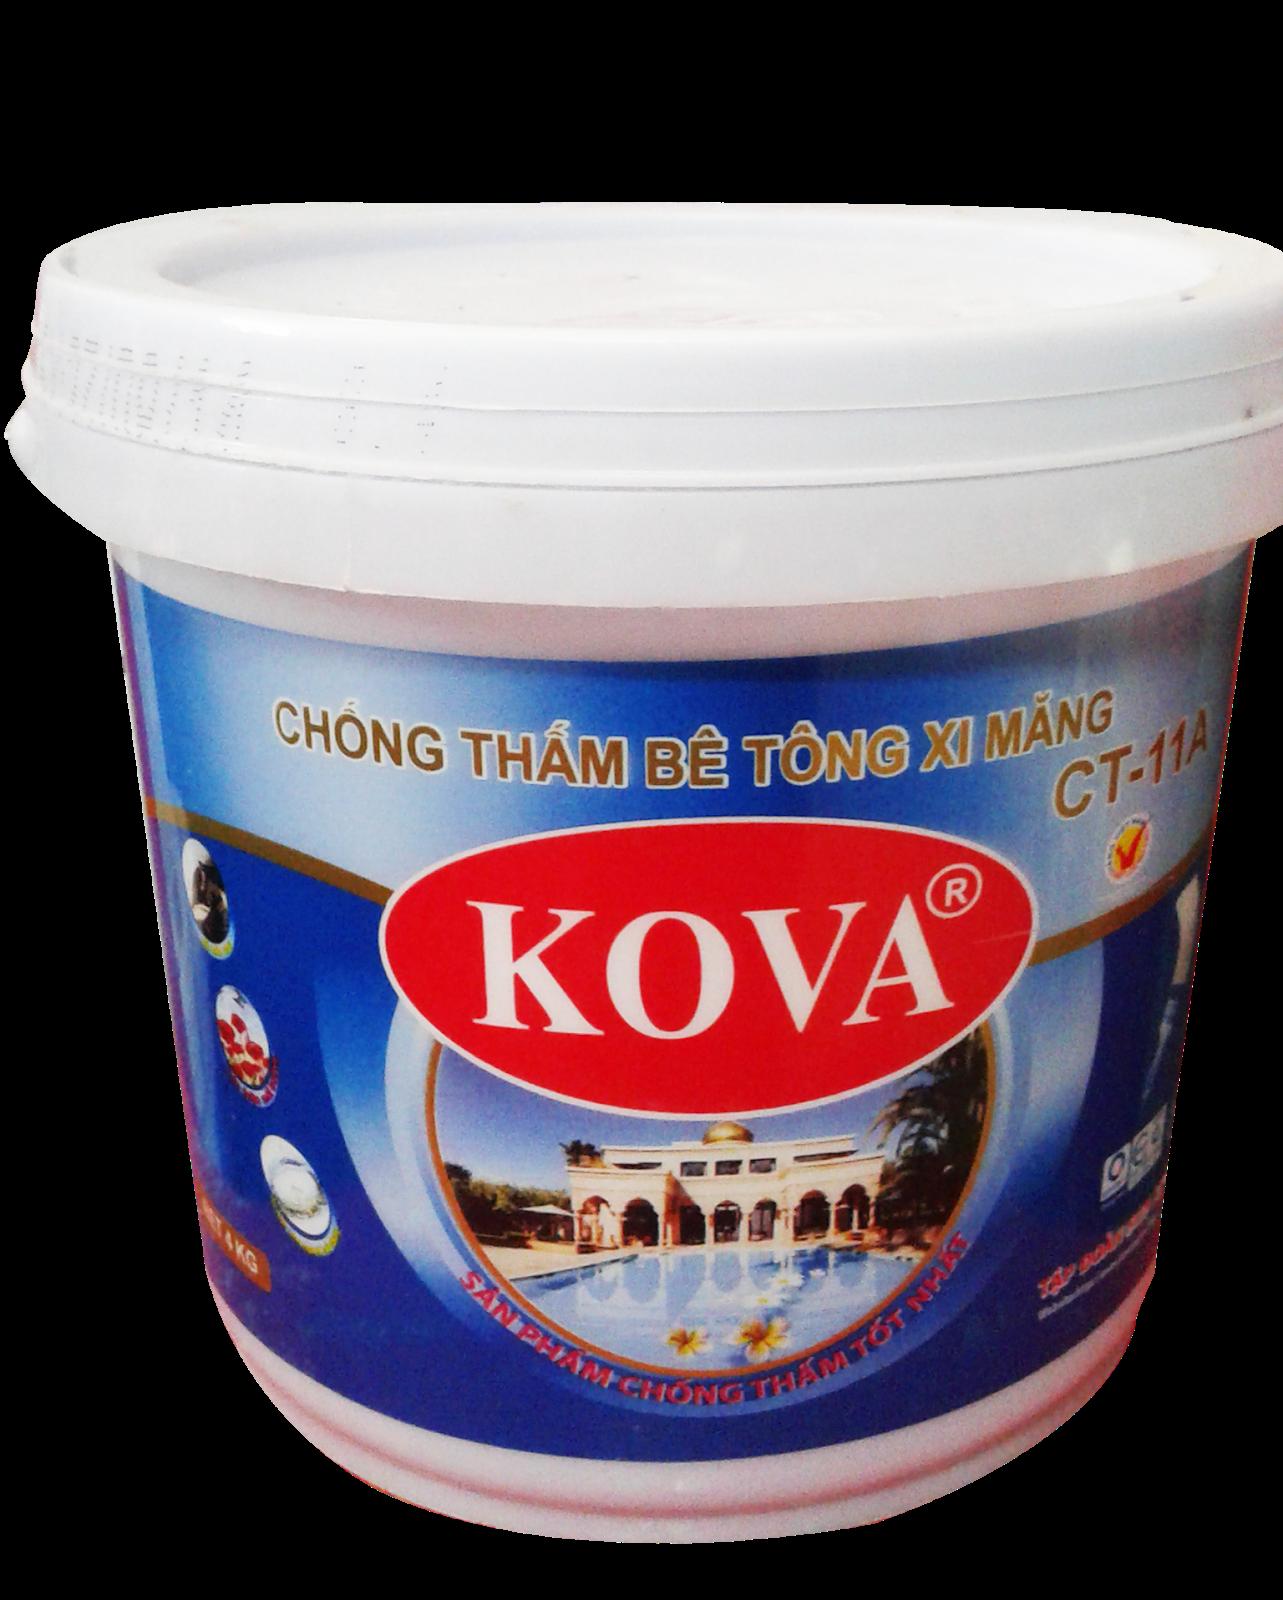 Sơn Kova là sản phẩm thuần Việt